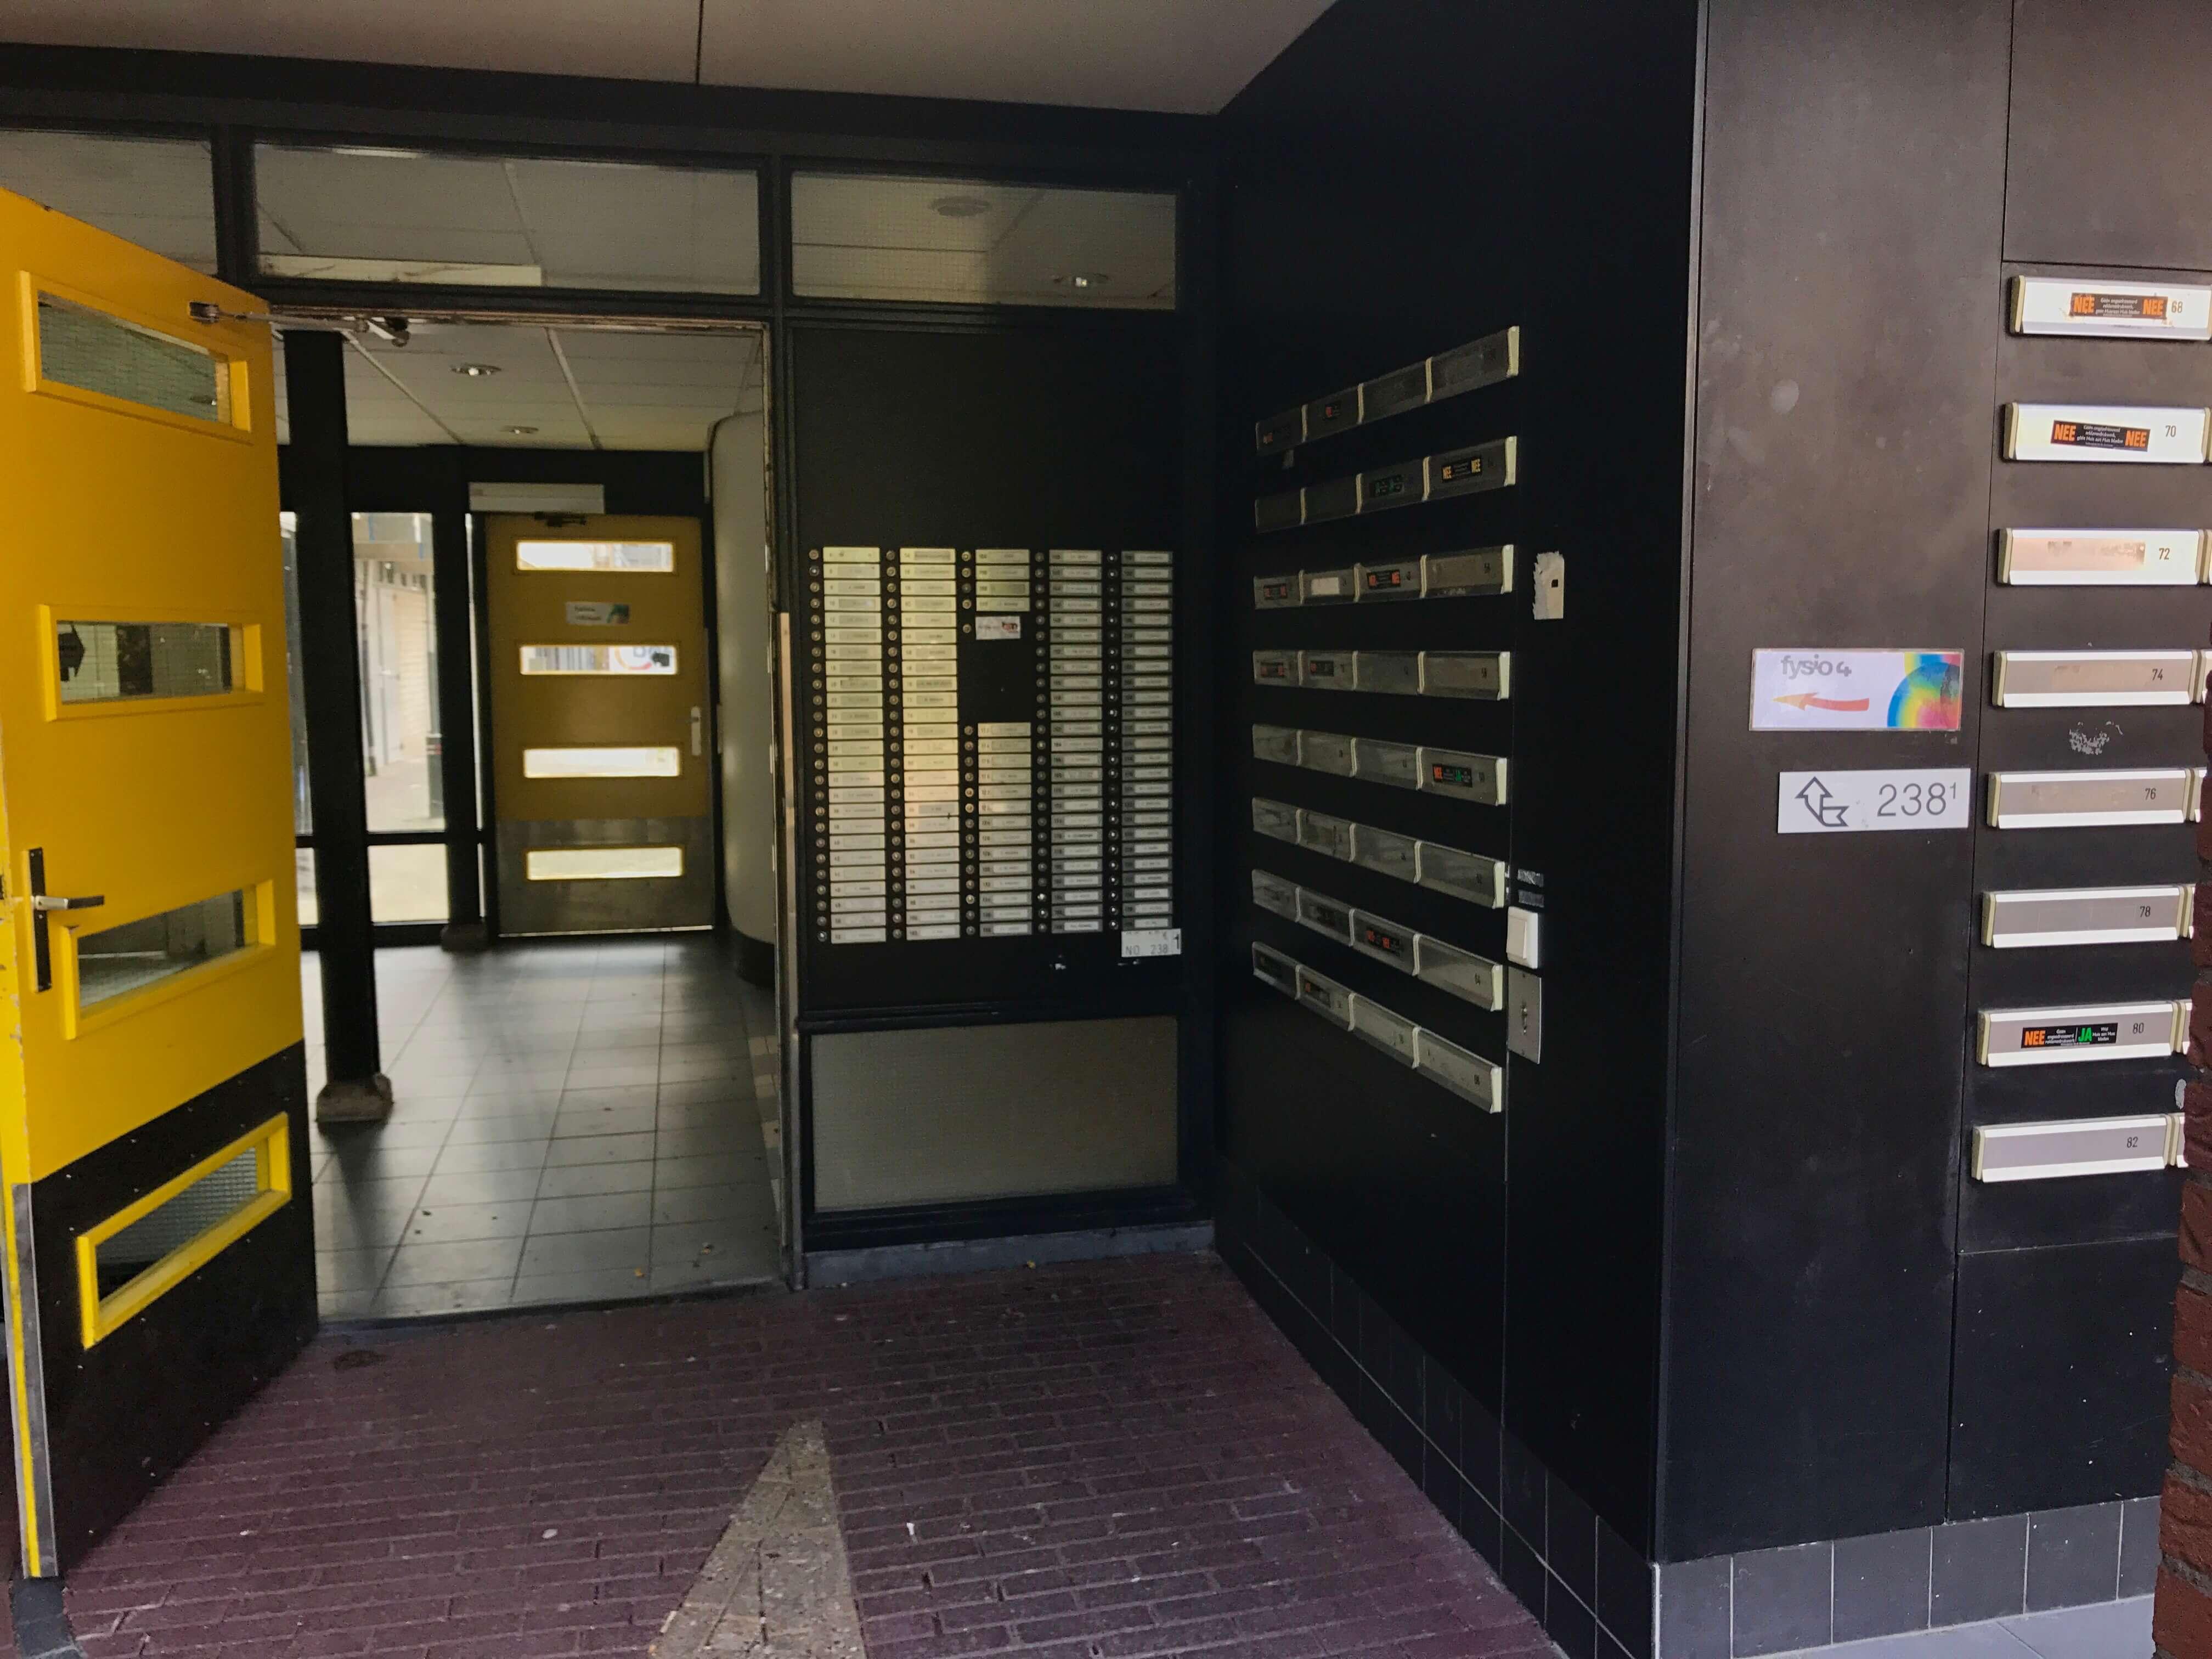 Fysio 4 Berkenlaan Selwerd Groningen - ingang gebouw